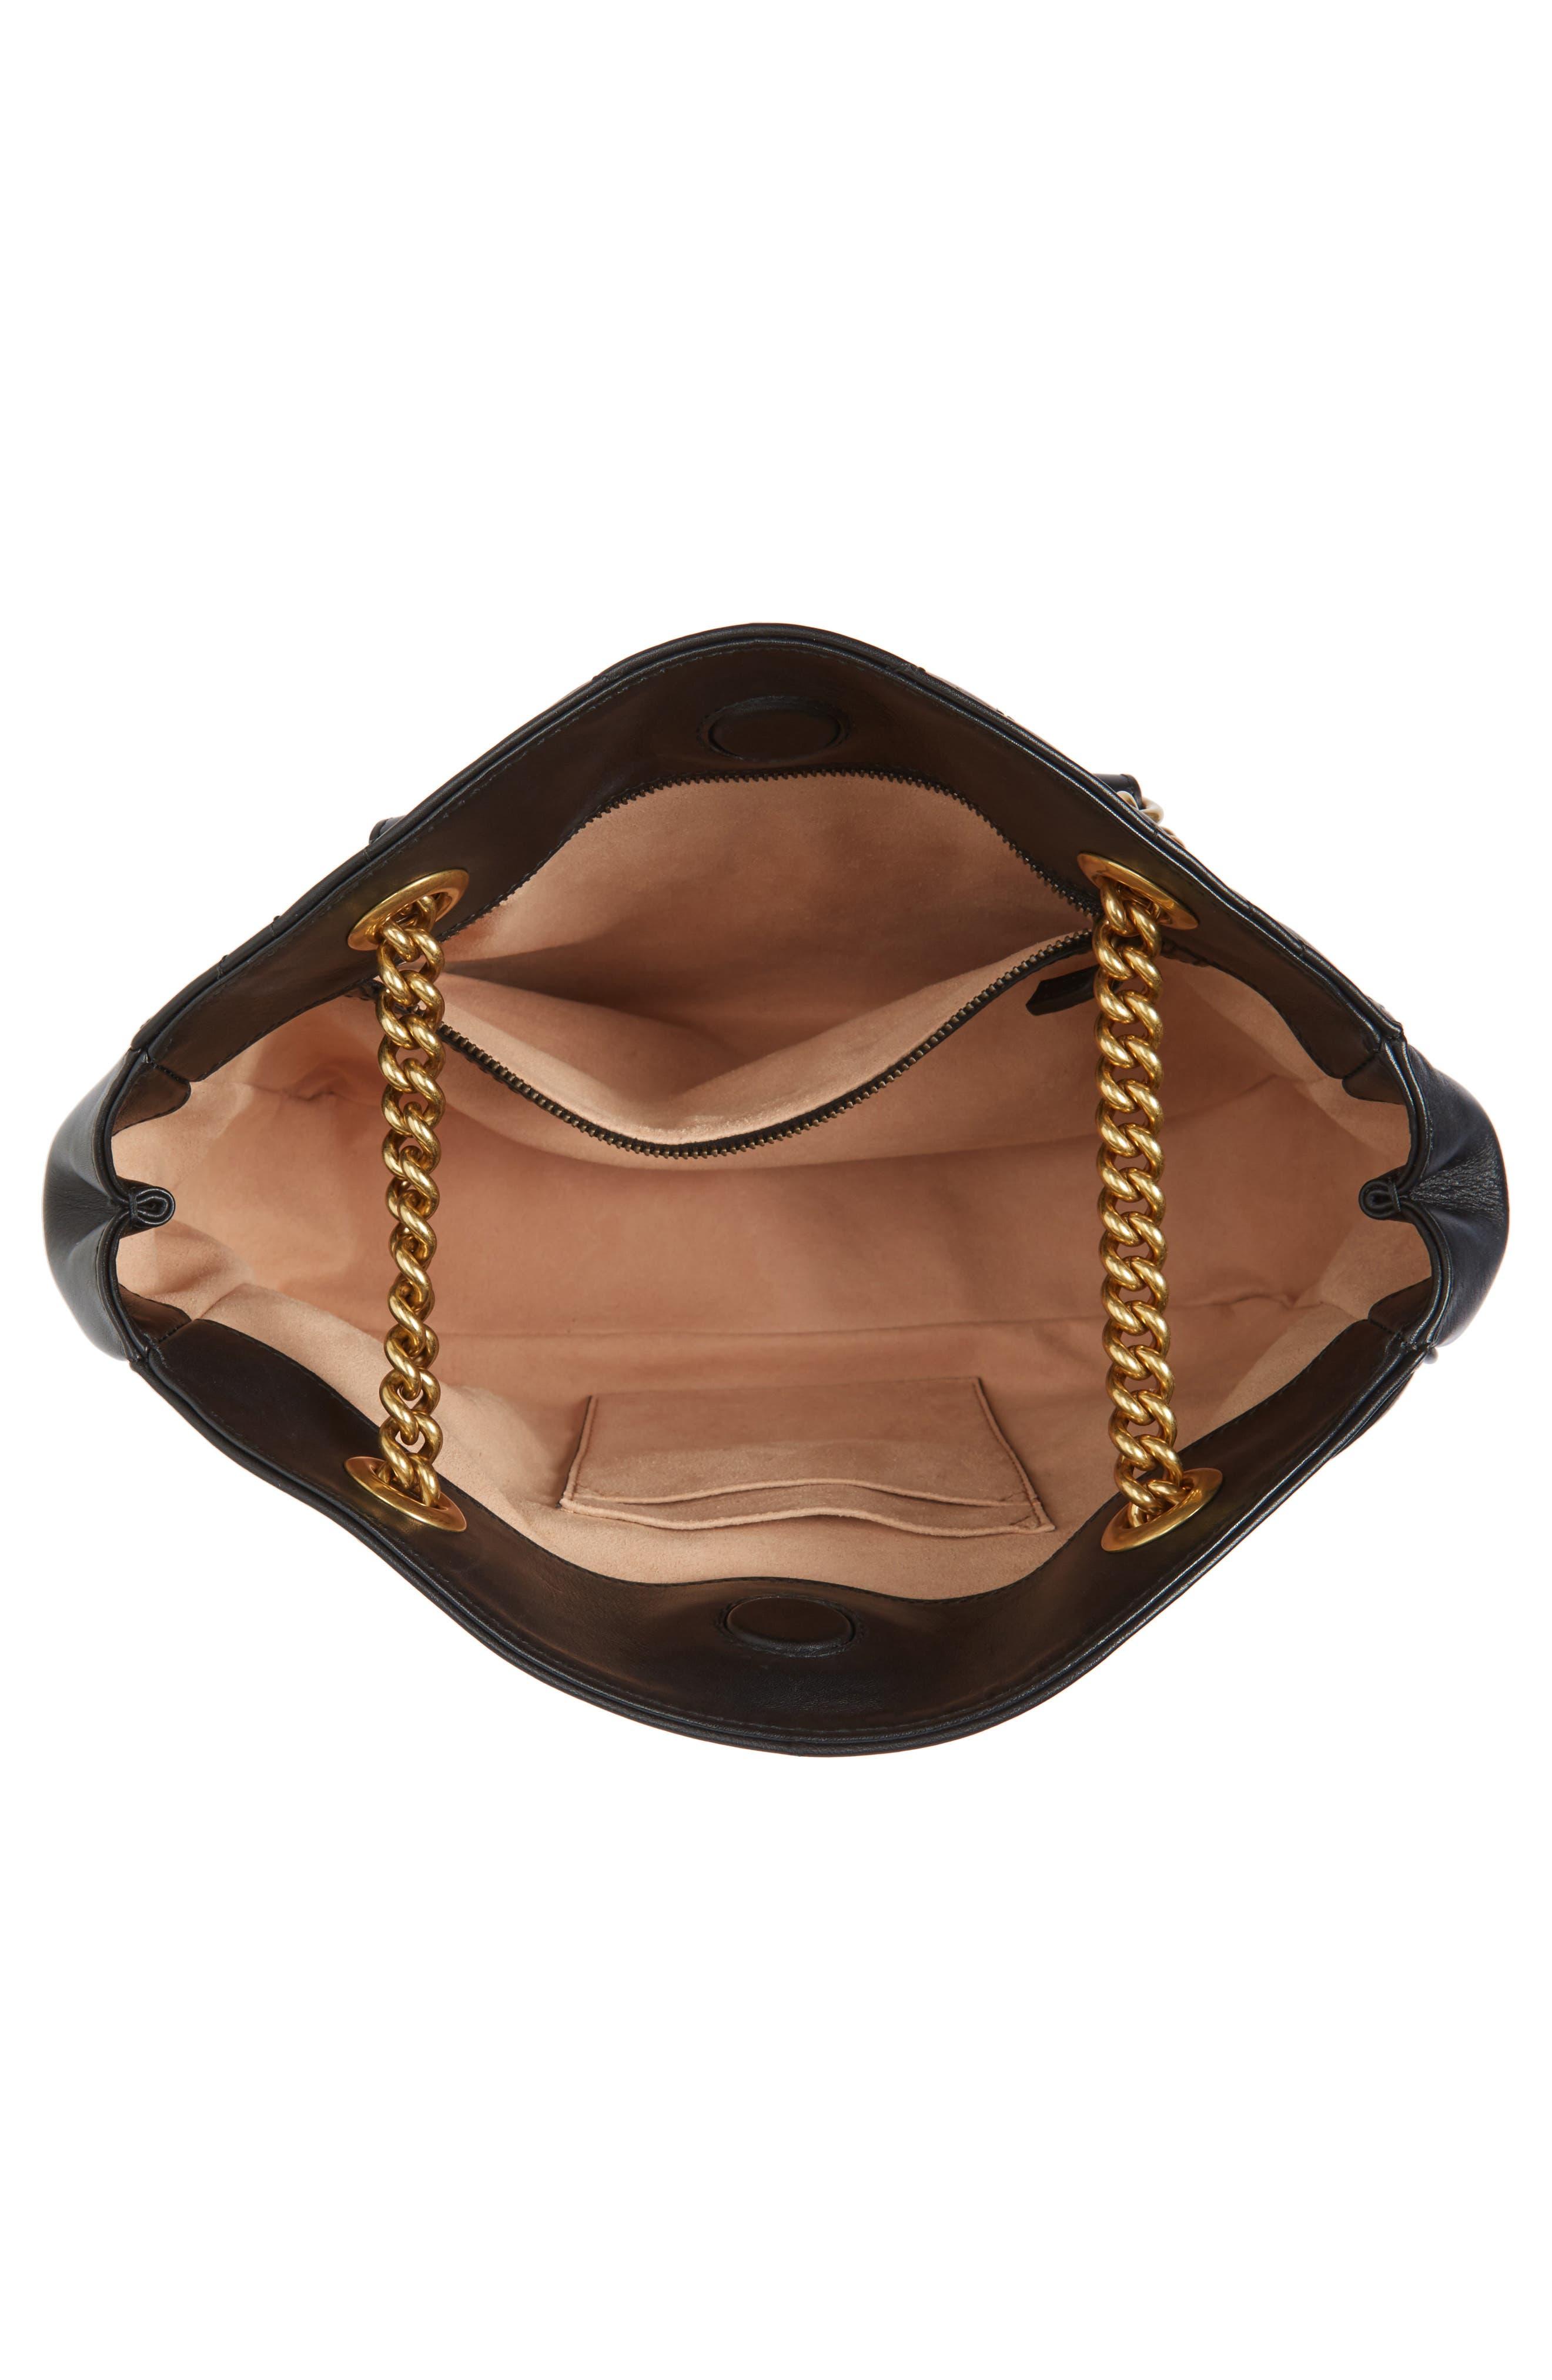 GG Marmont Matelassé Leather Shoulder Bag,                             Alternate thumbnail 4, color,                             001